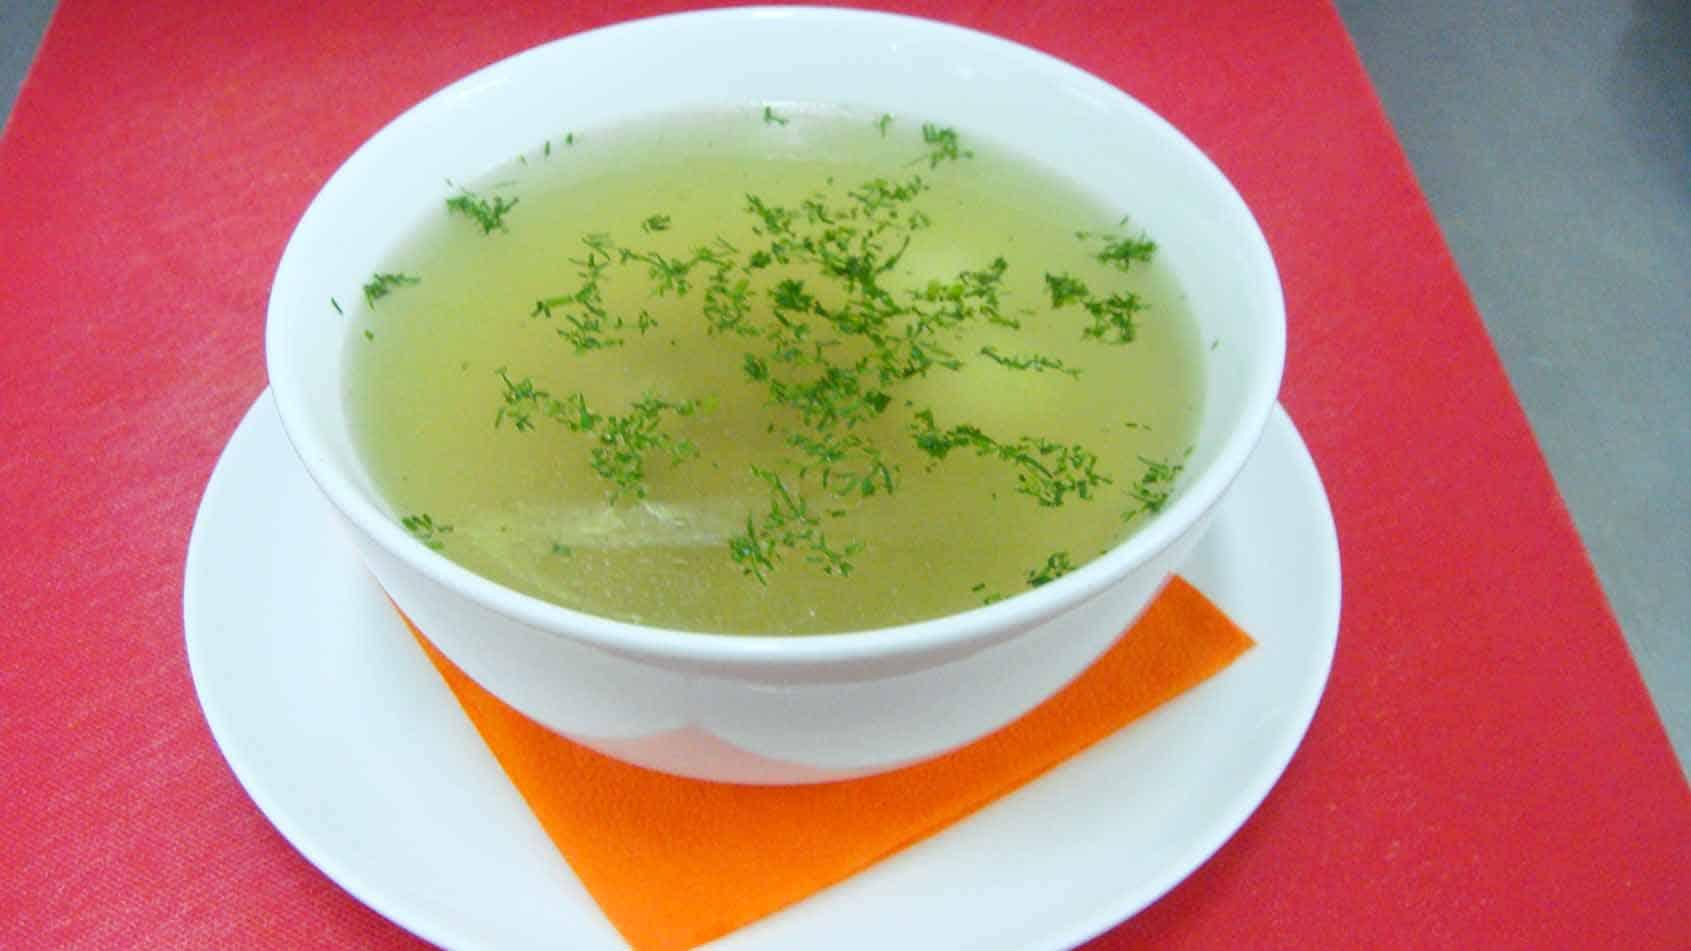 растительное слабительное средство для очищения кишечника отзывы